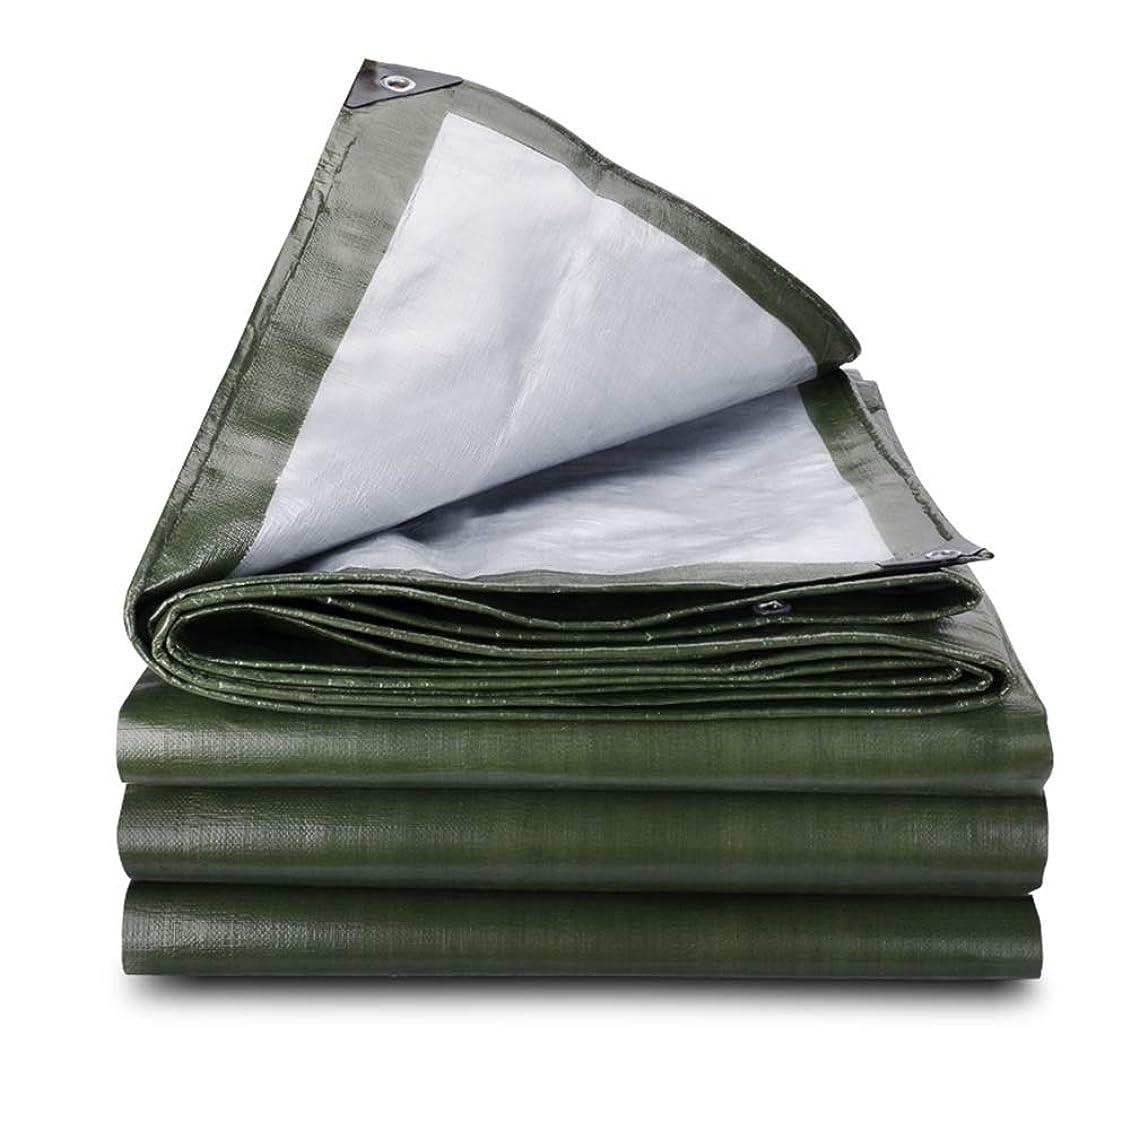 緯度幽霊こんにちはHPLL 多目的防水シート 厚く軍の緑銀製の防水布、雨の日陰の屋外の防水シートの二重層の抵抗力があるPEの防水シートをカバーするトラックの三輪車 防水シートのプラスチック布,防雨布 (Size : 3m×4m)